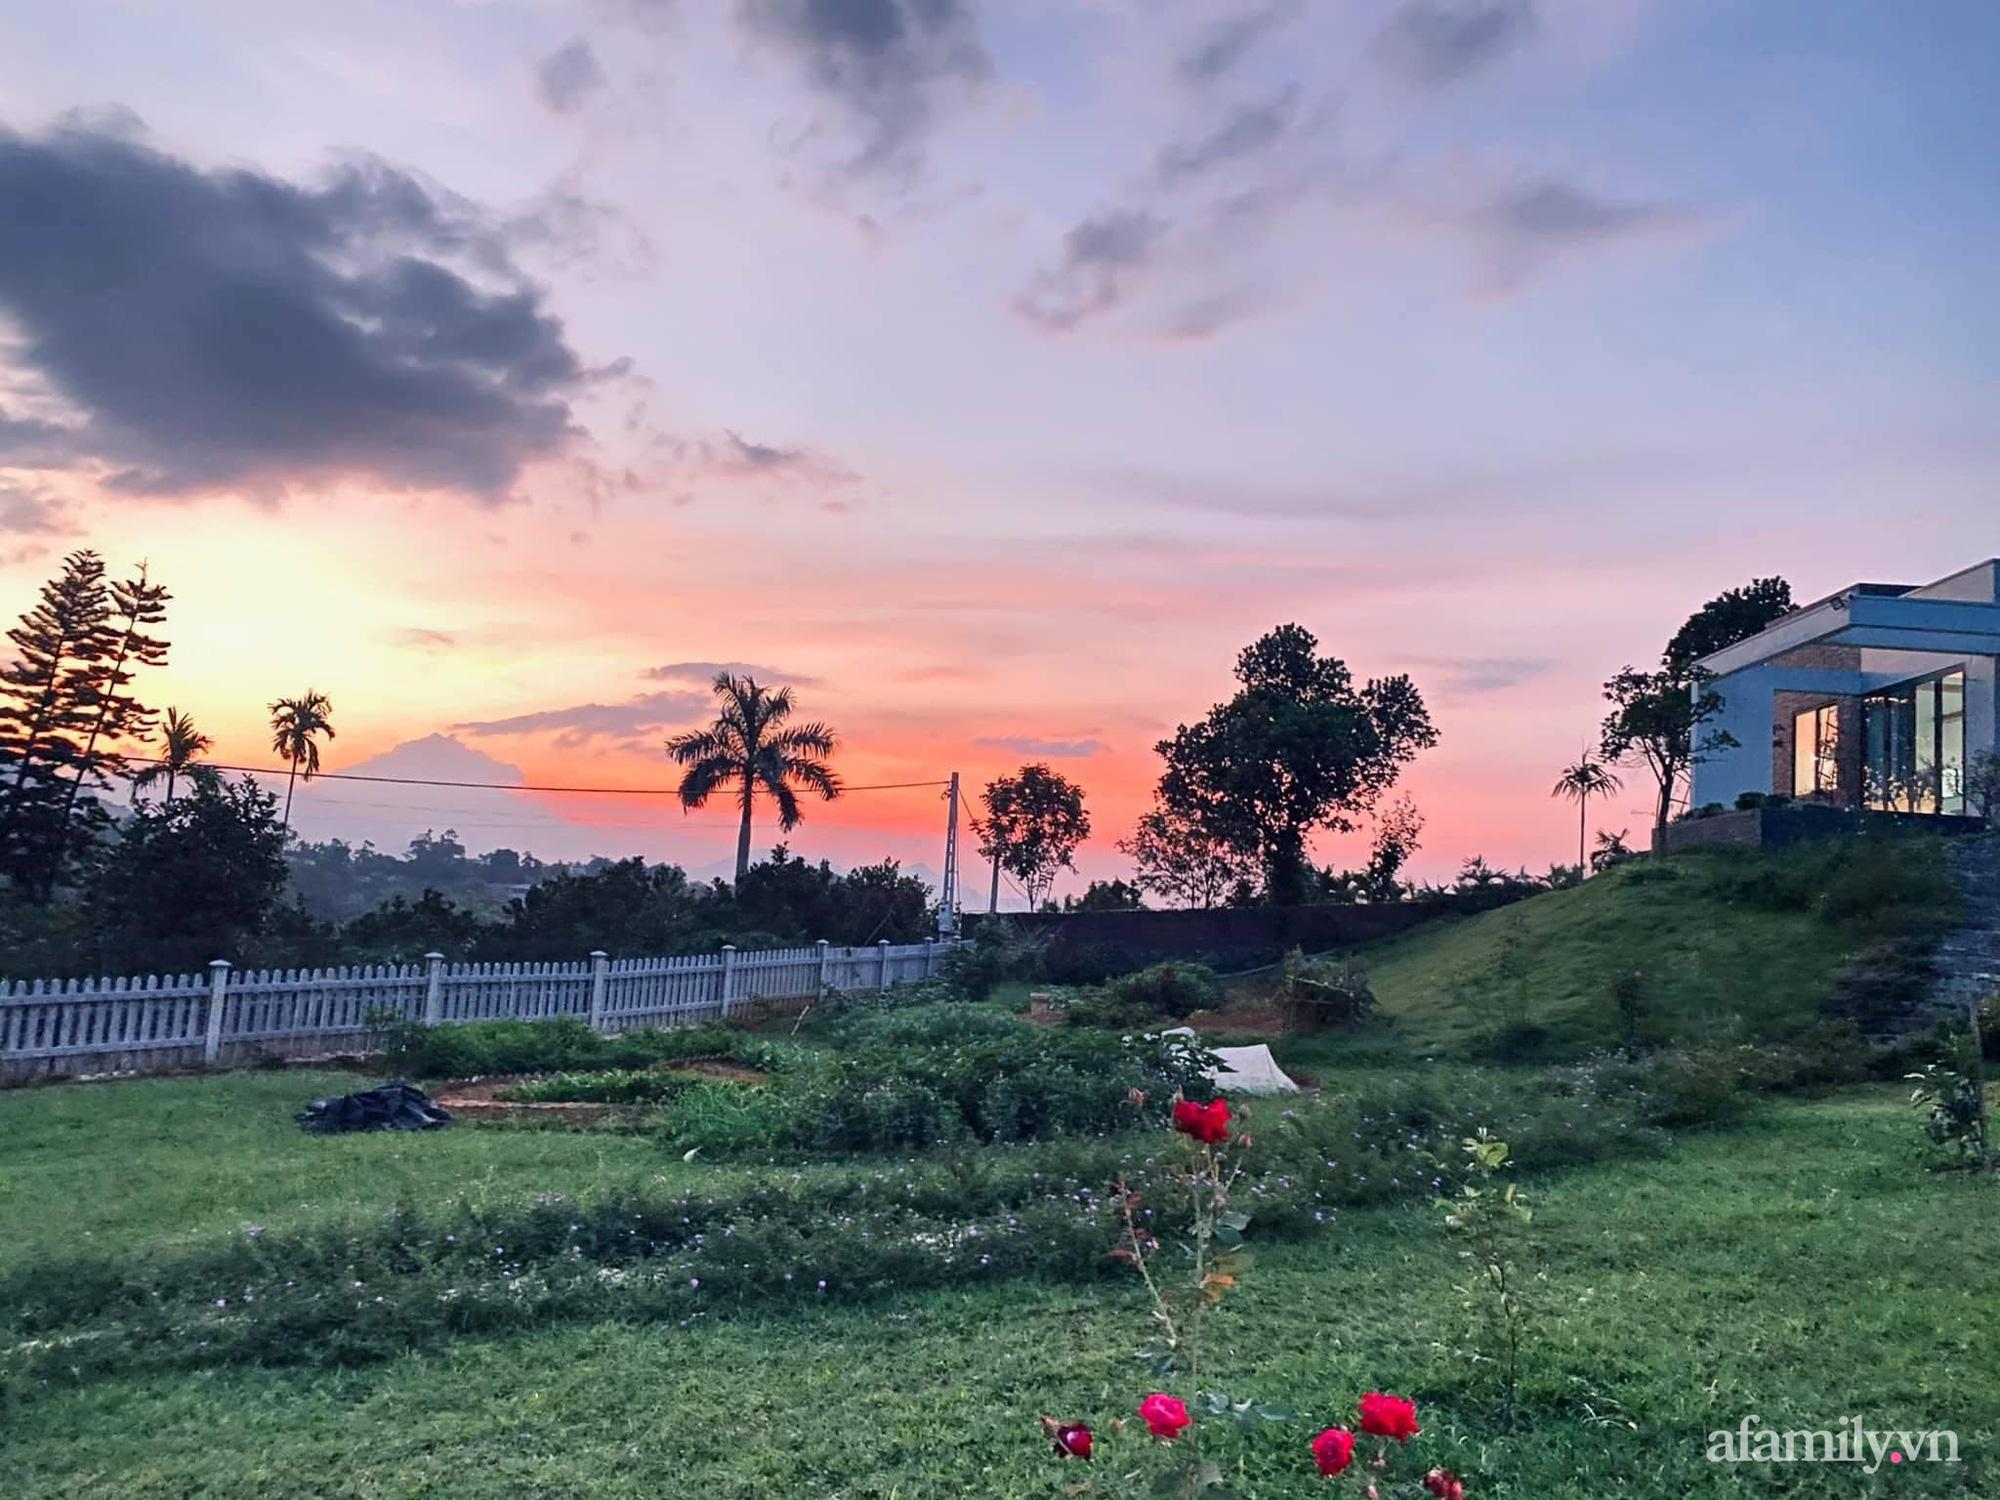 Căn nhà vườn trên núi đẹp an yên, tĩnh lặng với những xanh tươi đẹp đẽ ở ngoại thành Hà Nội - Ảnh 2.